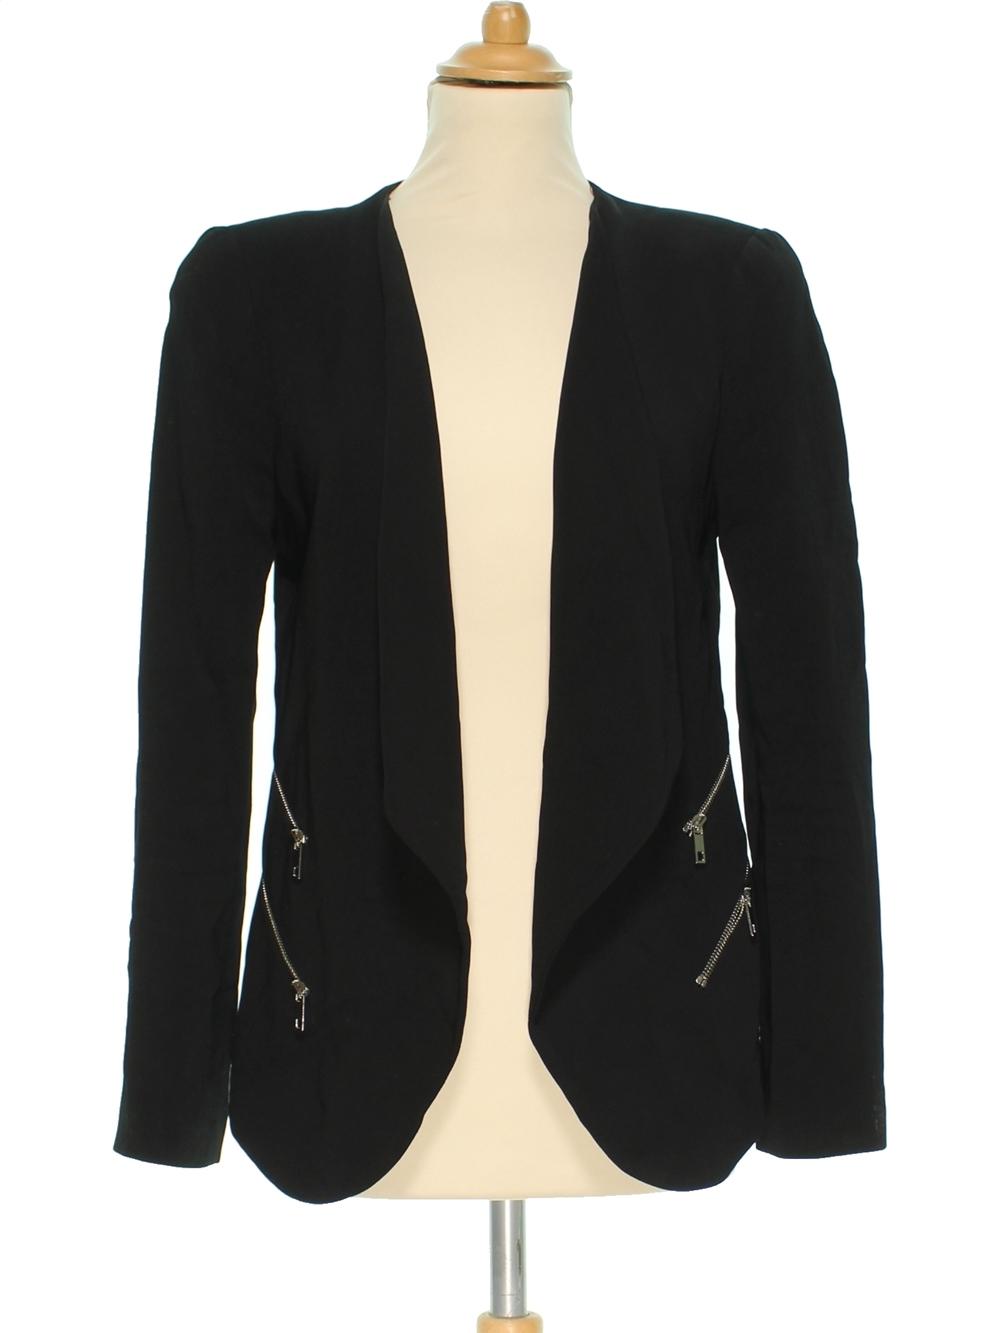 hot sale new photos outlet store sale Veste de tailleur, Blazer Femme ZARA L pas cher, 14.30 ...